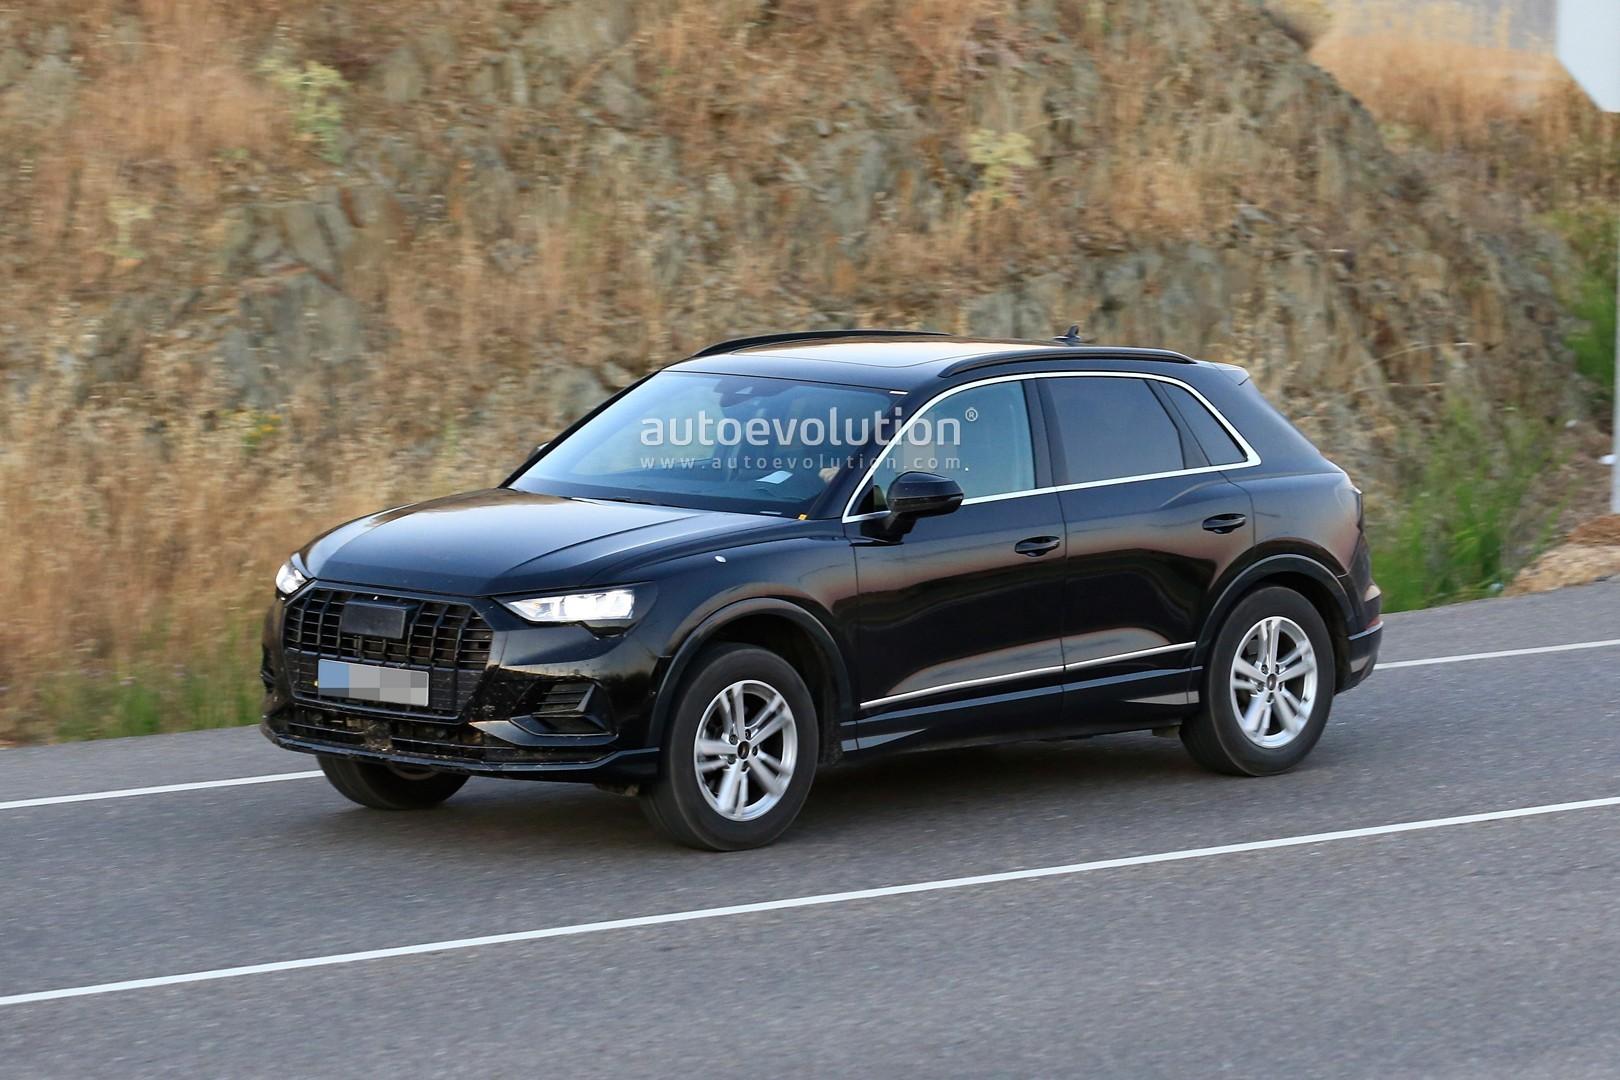 Spyshots 2019 Audi Q3 Caught Undisguised Looks Like A